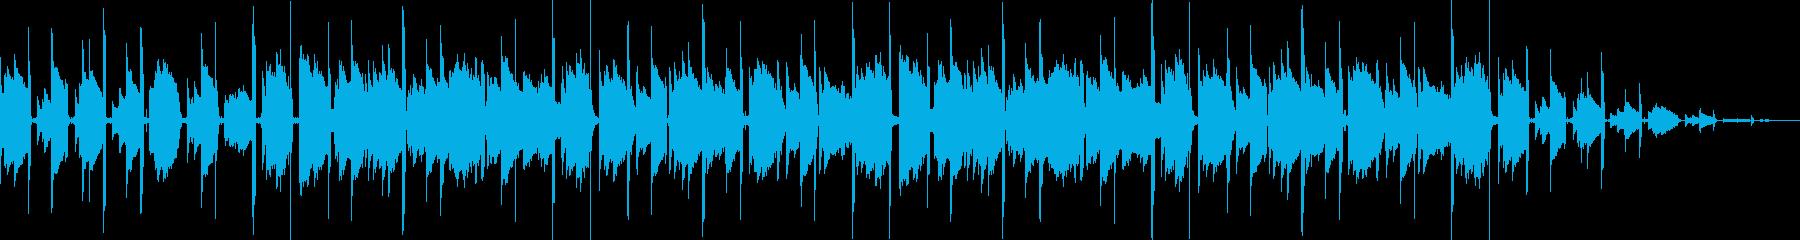 まったり 落ち着く スローアコギサウンドの再生済みの波形